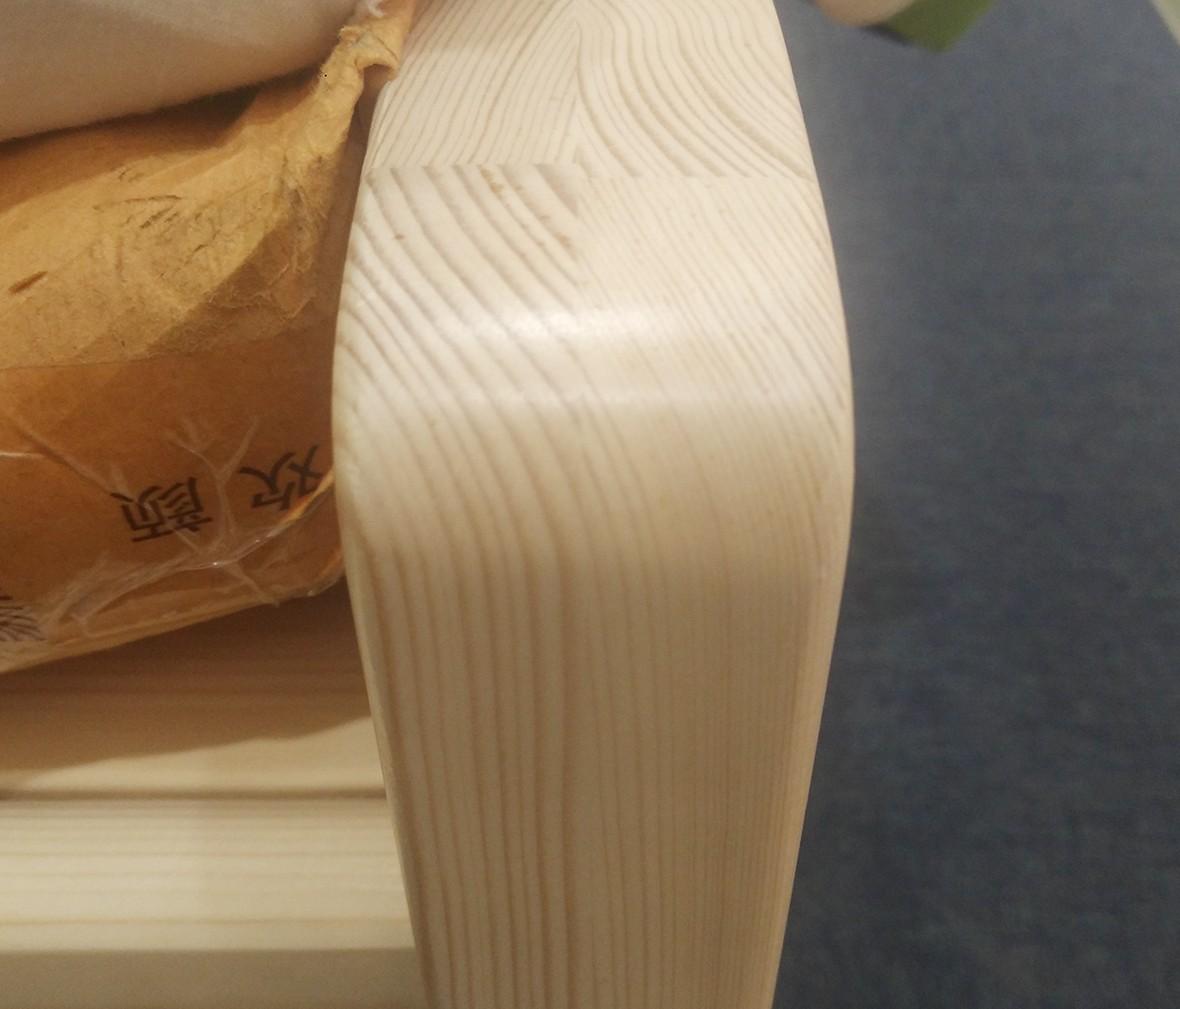 松堡王国 SP-A-C017S型号单床 进口芬兰木材质单床